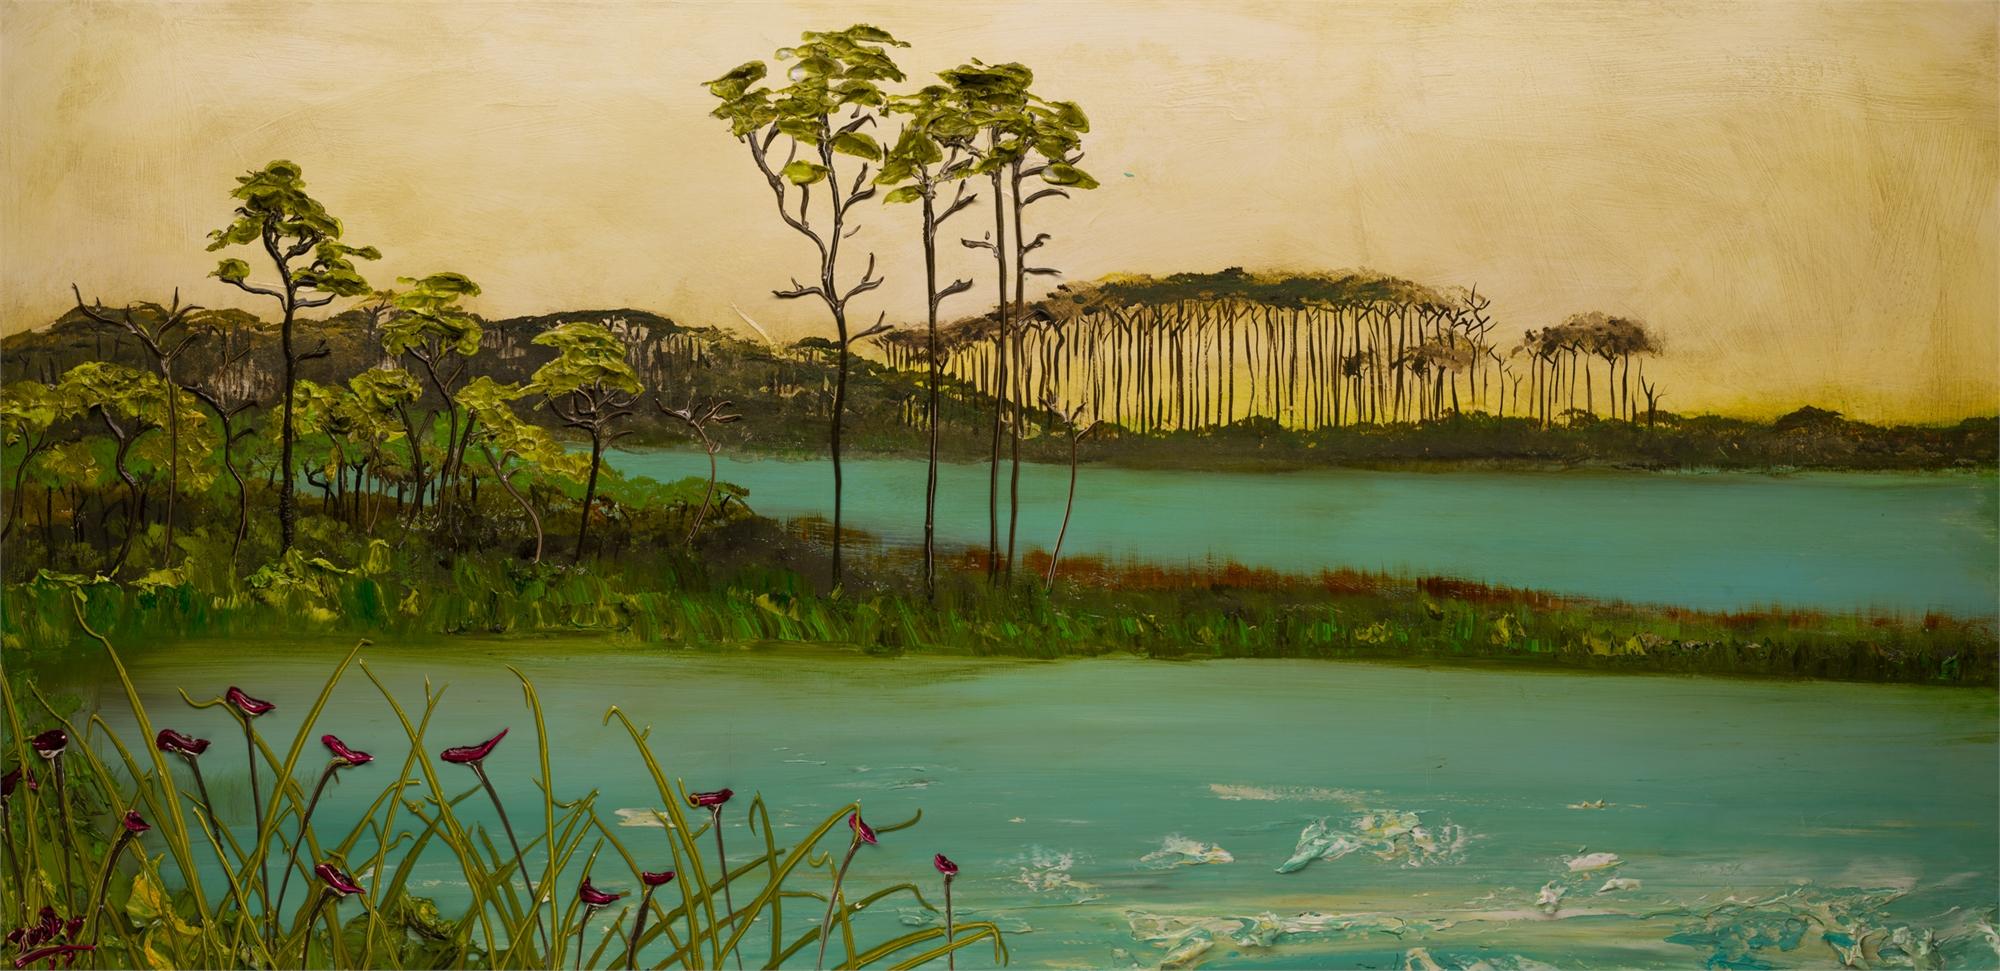 WESTERN LAKE by JUSTIN GAFFREY